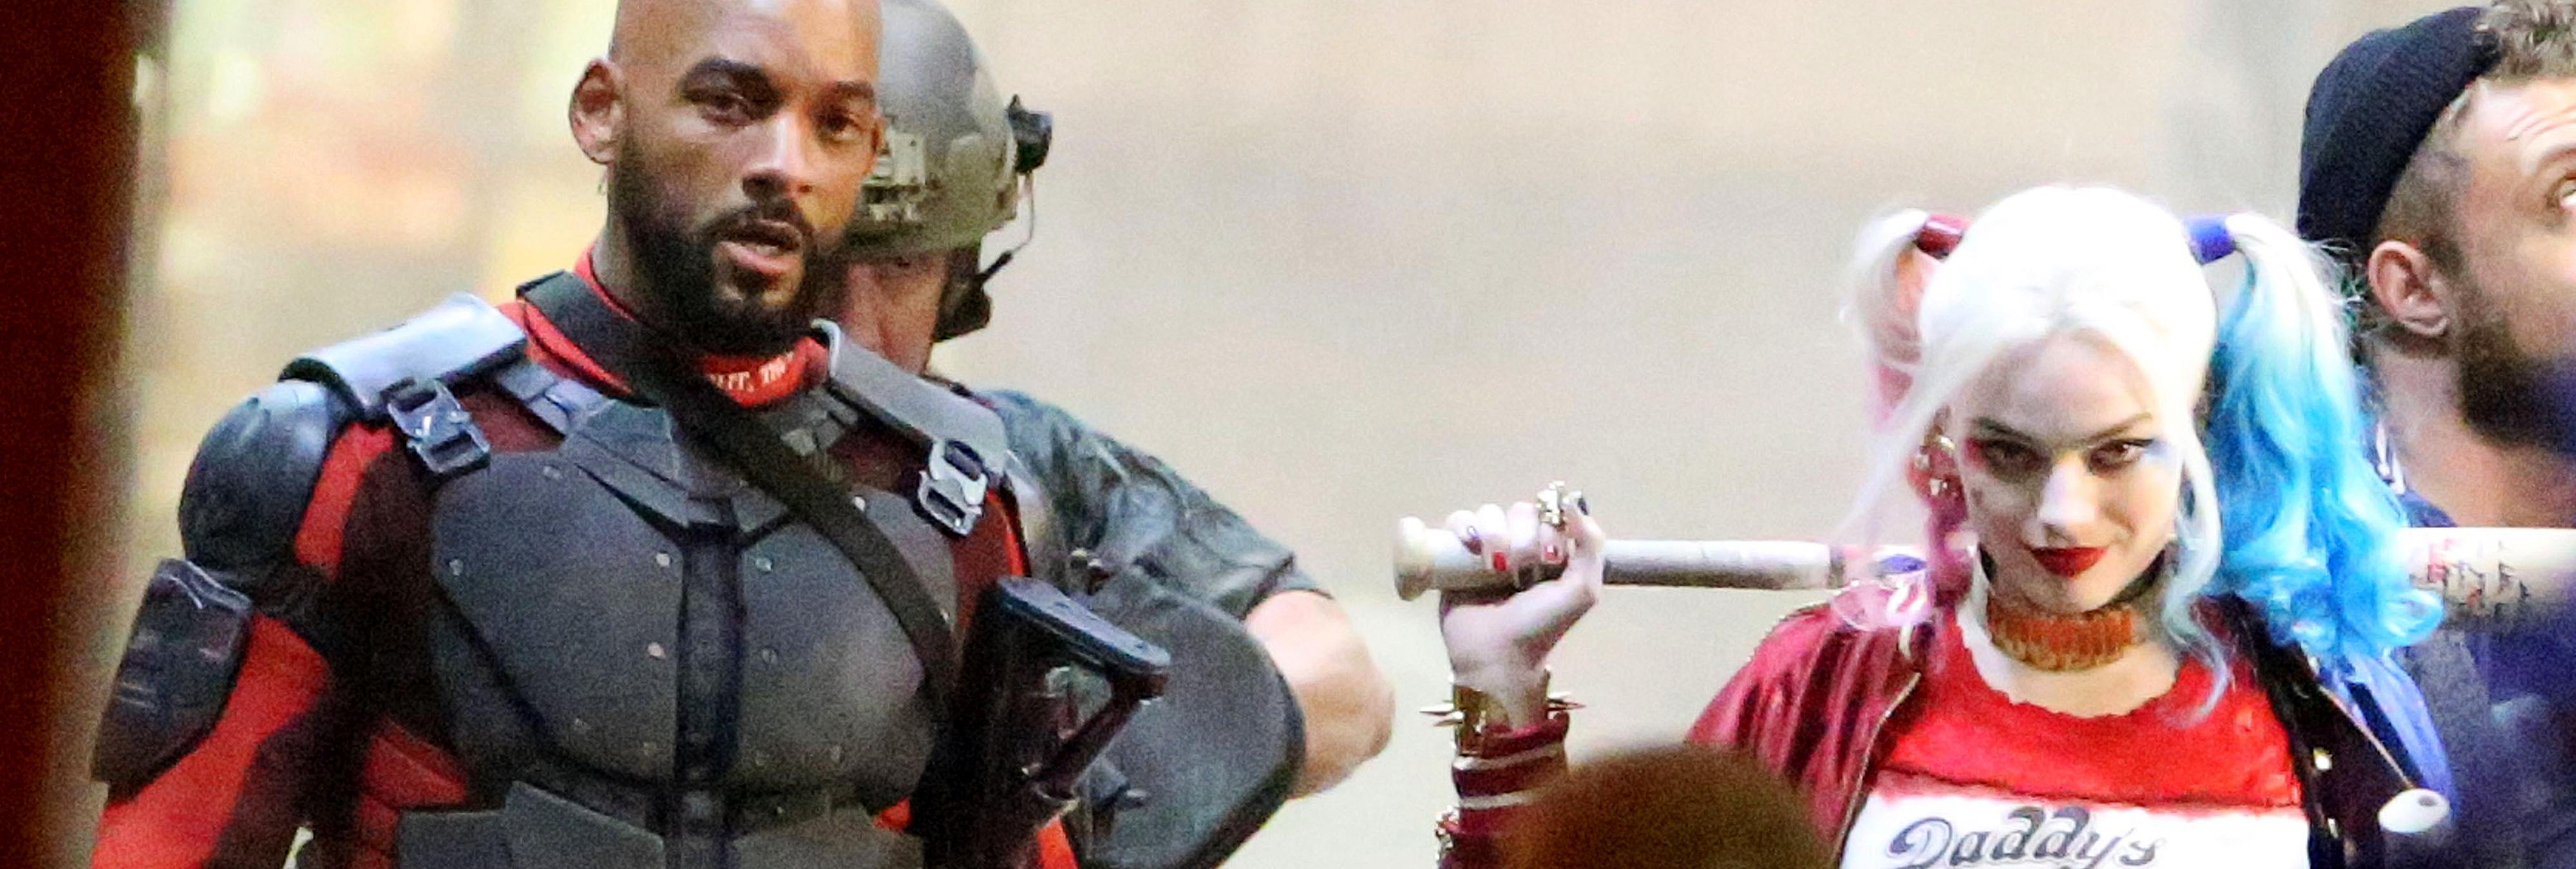 7 motivos por los que el mundo está amando a Harley Quinn, del Escuadrón Suicida